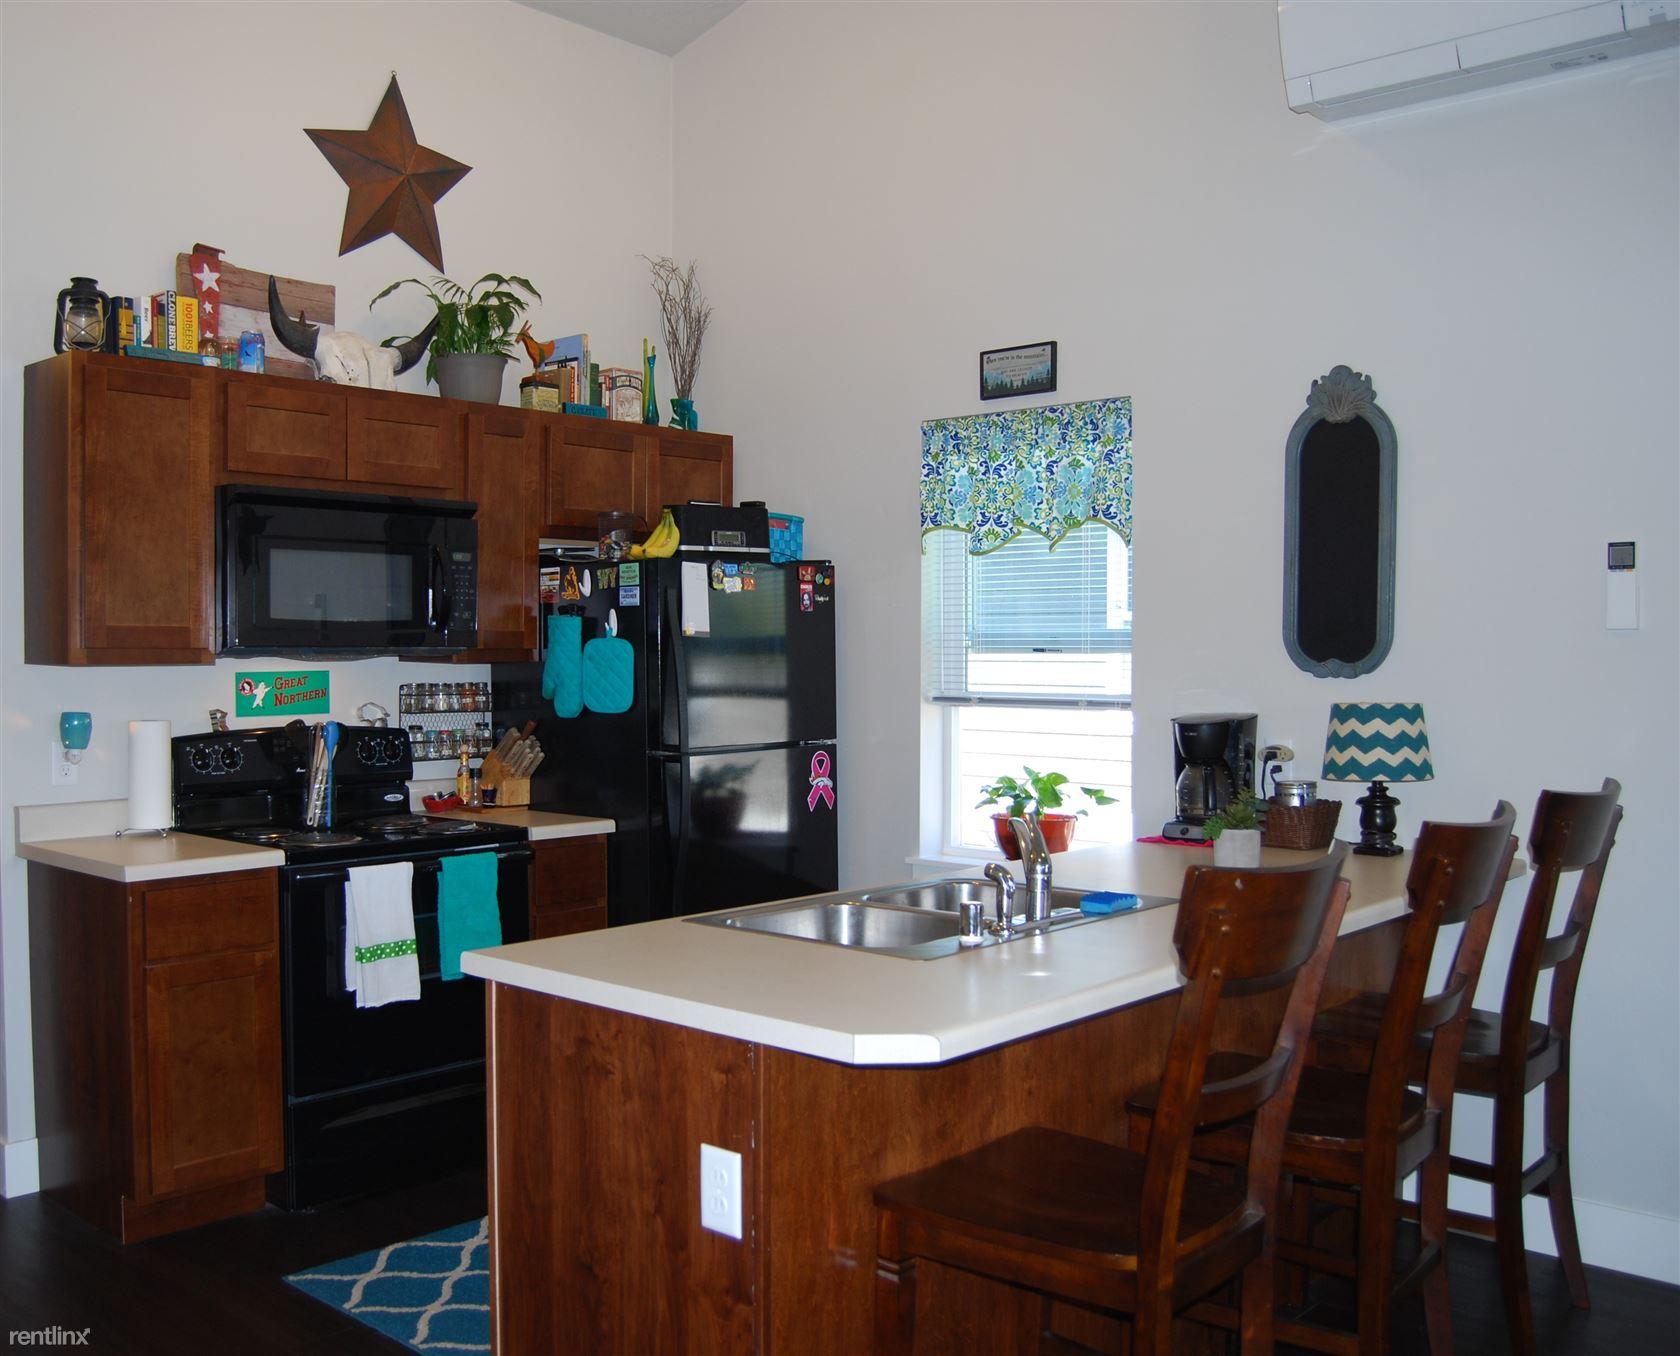 3rd St. W. For Rent Missoula, MT  (6)